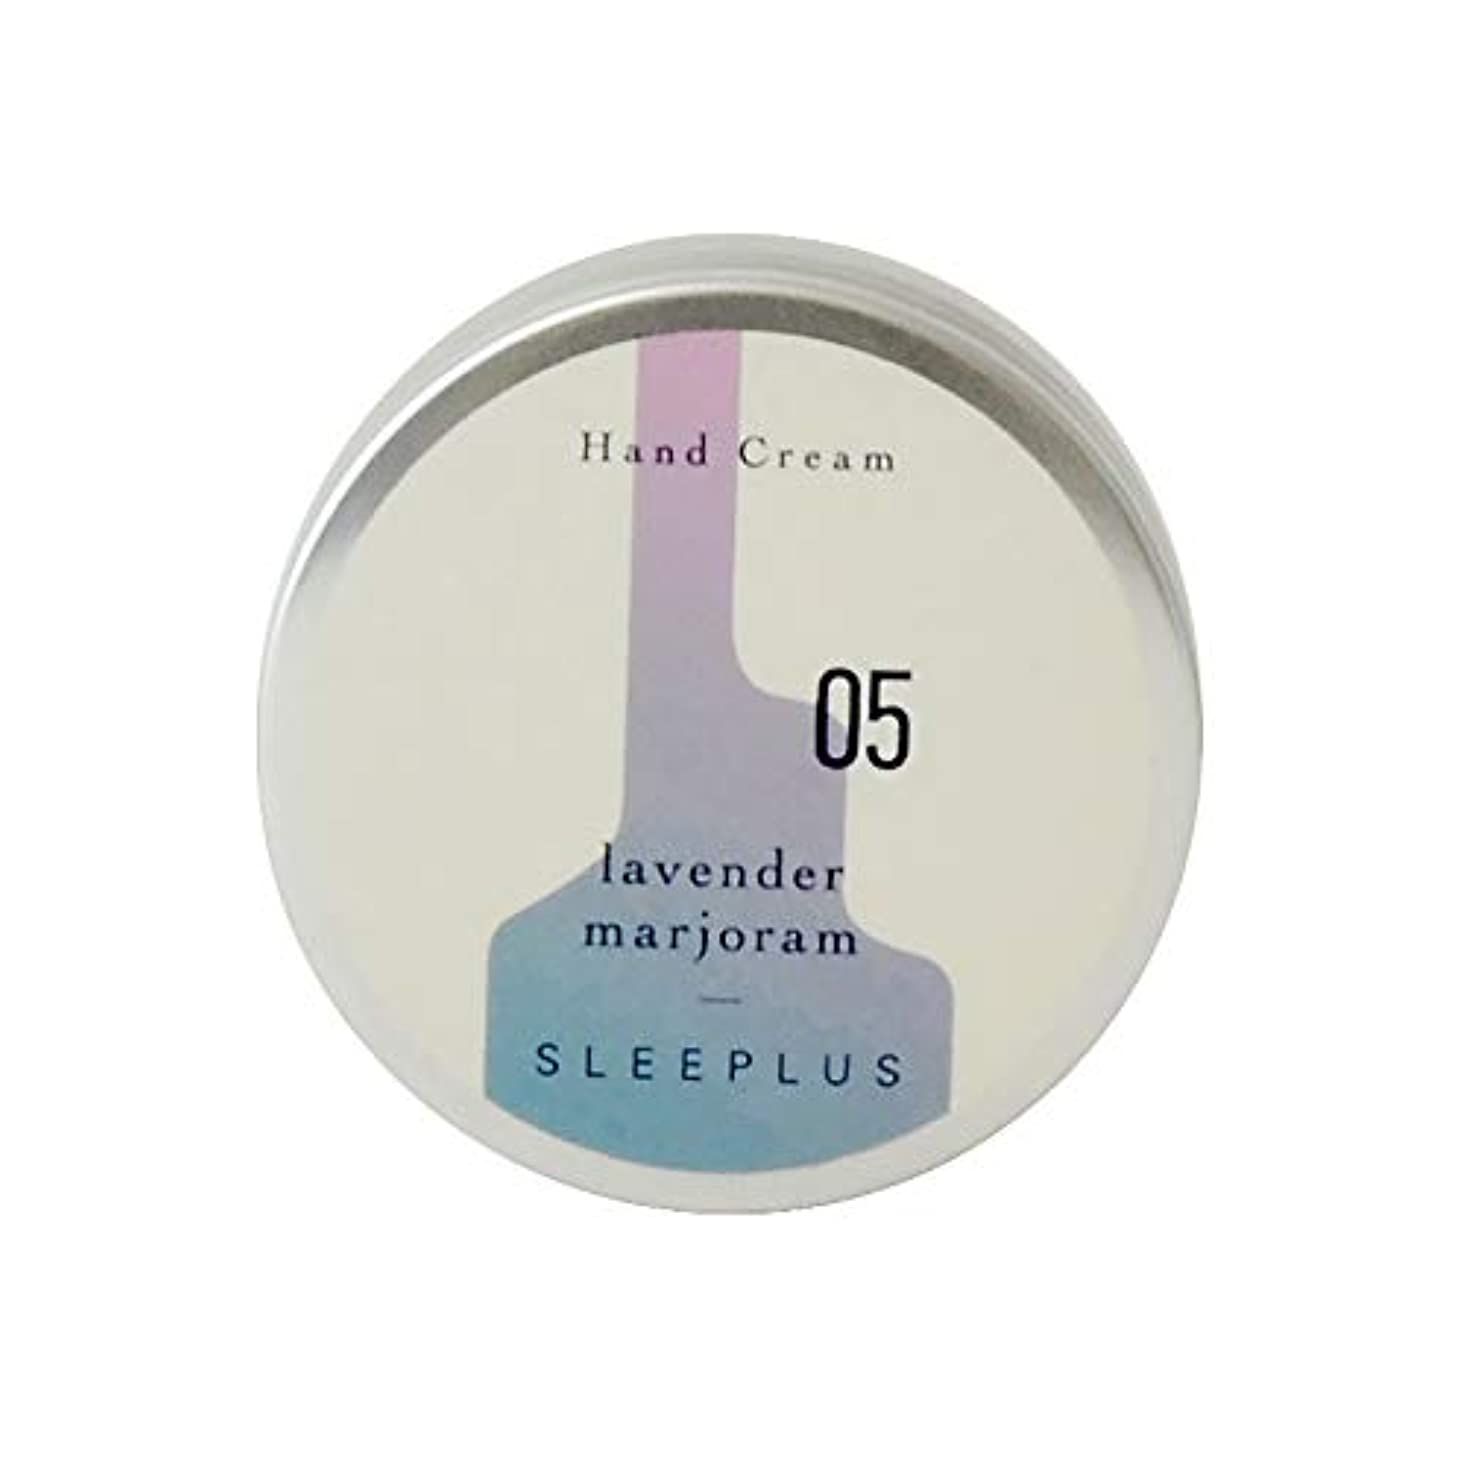 潤滑する天才社員Heavenly Aroom ハンドクリーム SLEEPLUS 05 ラベンダーマージョラム 75g